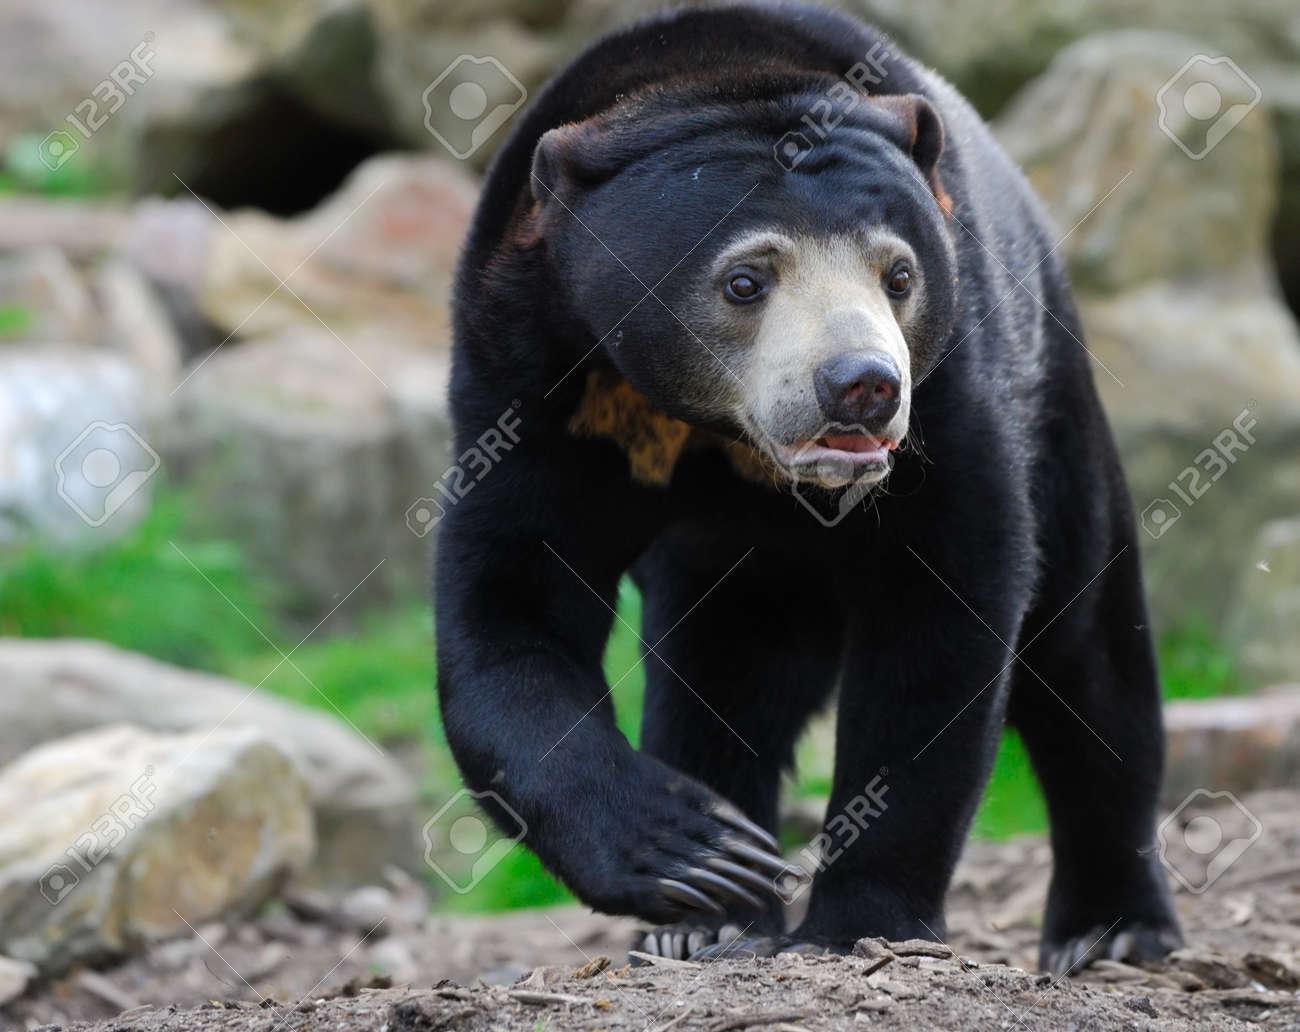 Close up of a Malayan Sun Bear (Helarctos malayanus) Standard-Bild - 4903625